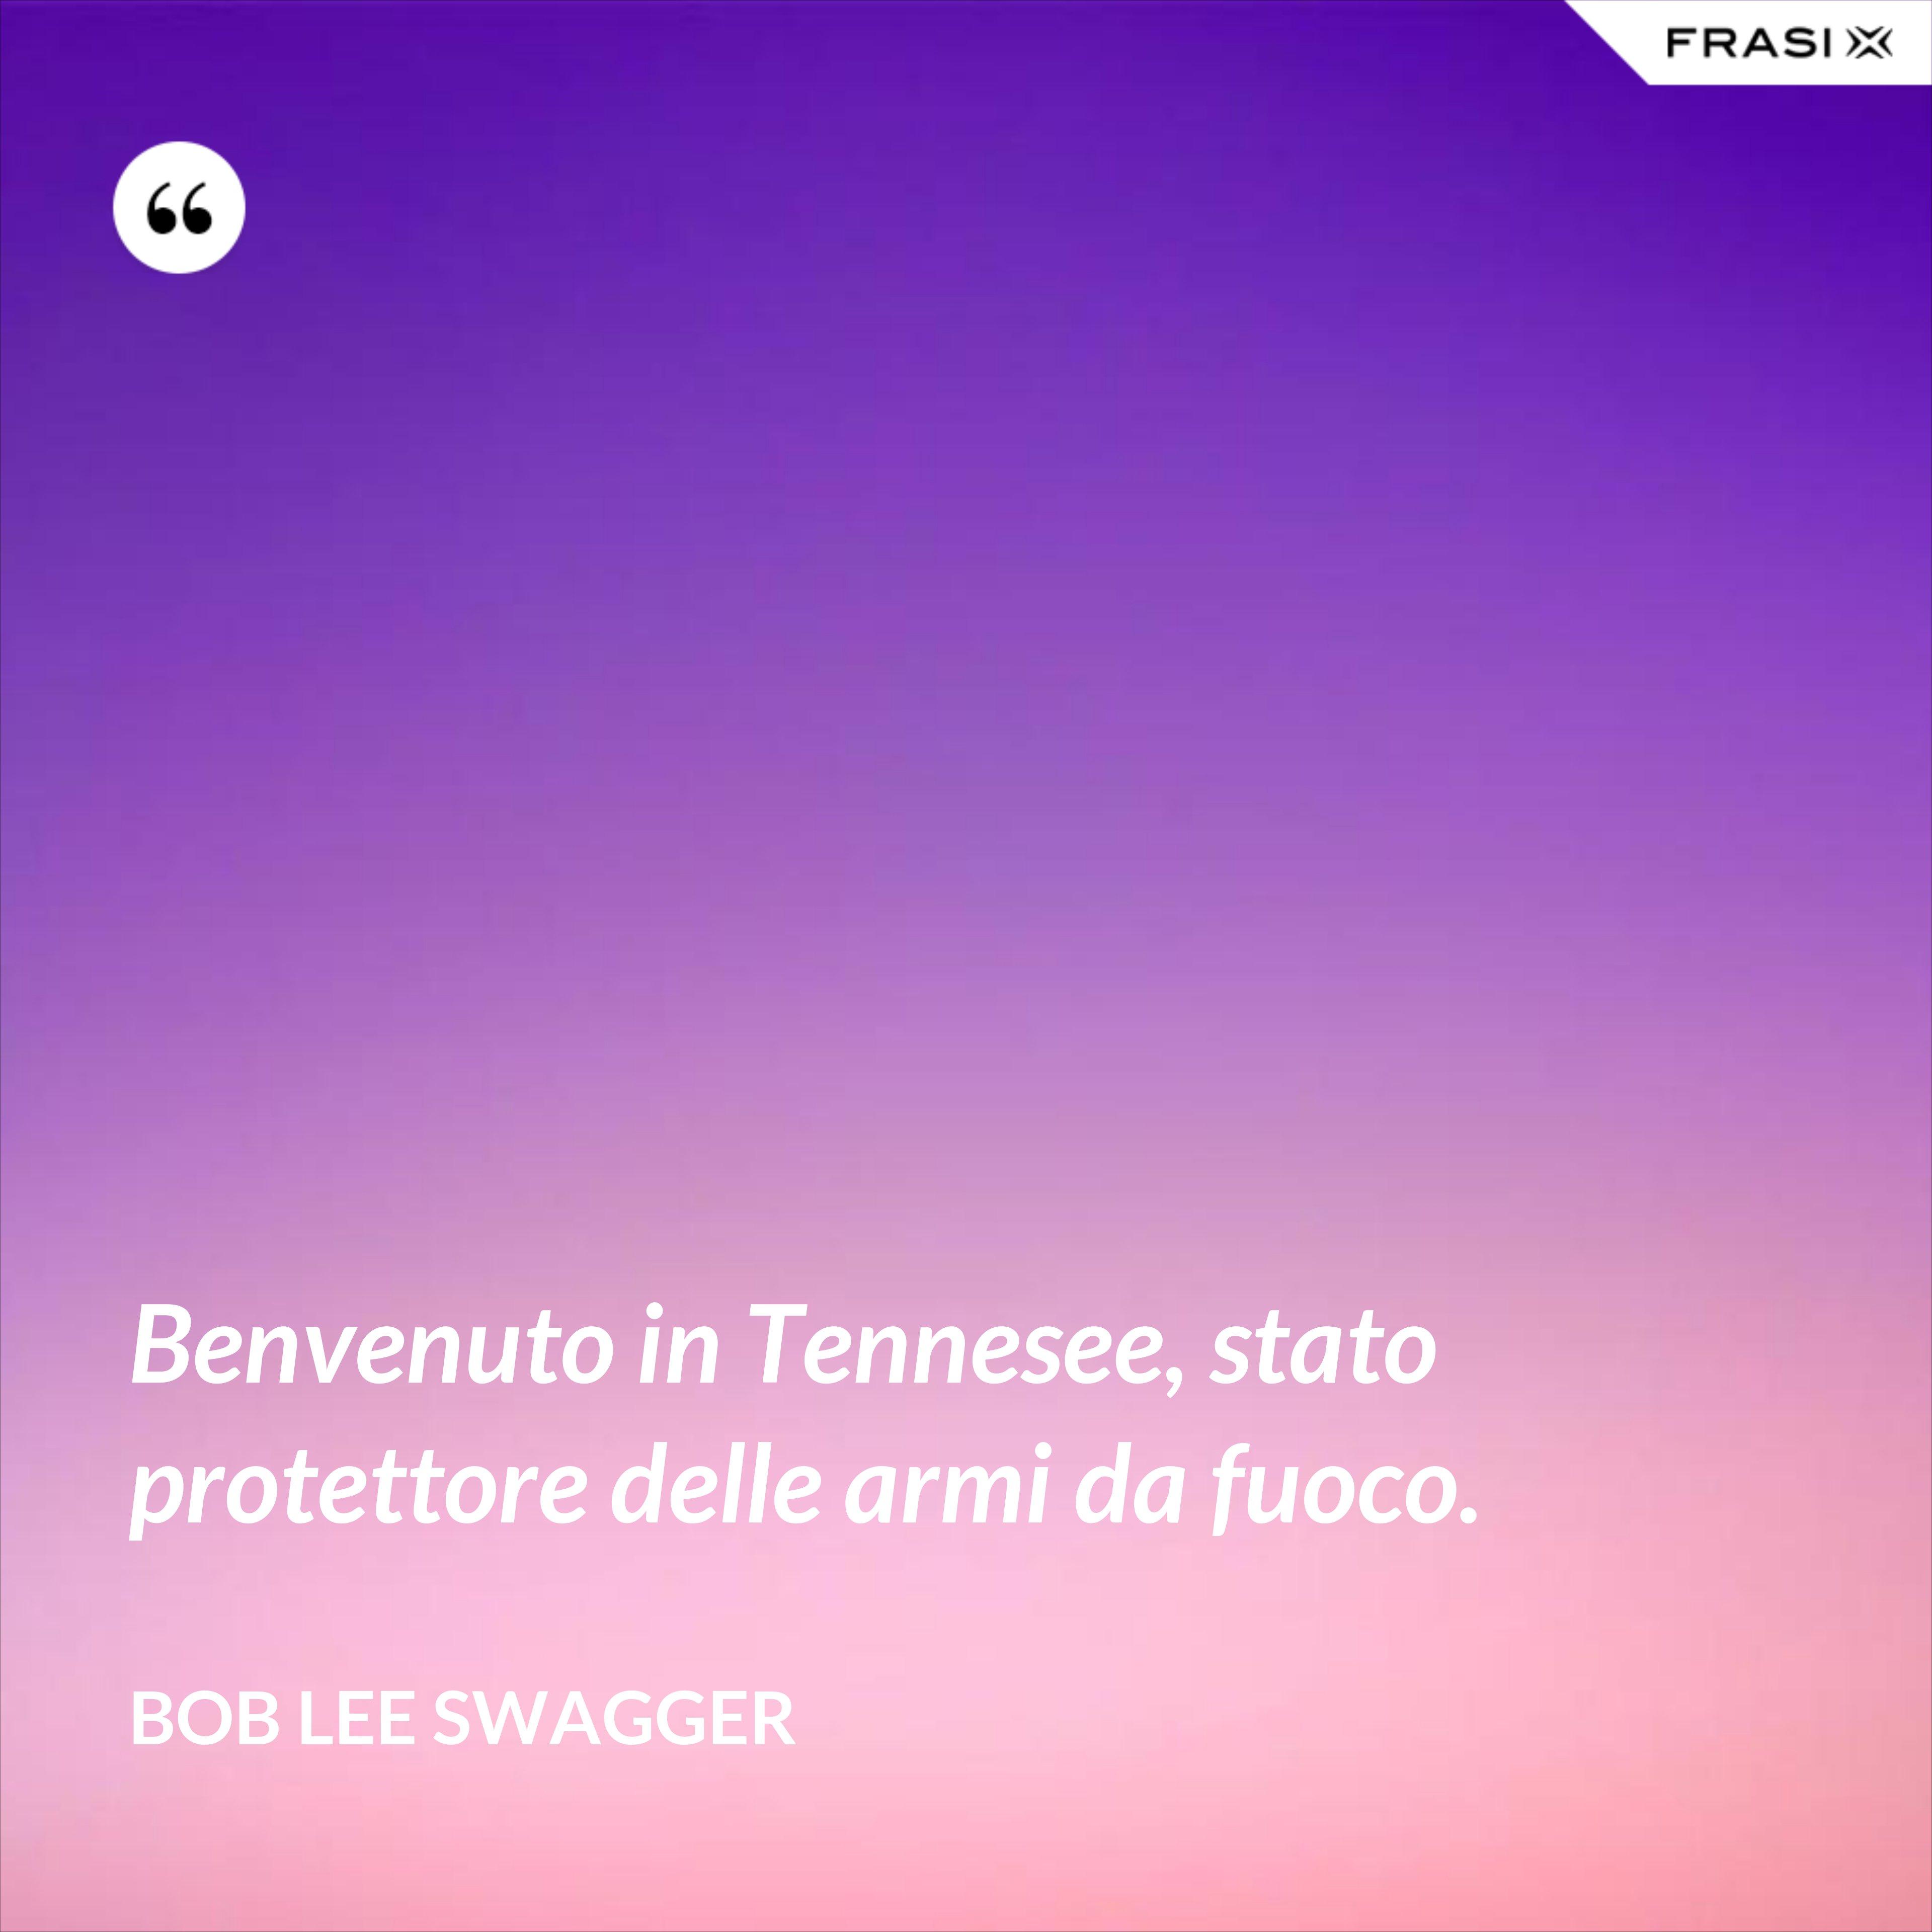 Benvenuto in Tennesee, stato protettore delle armi da fuoco. - Bob Lee Swagger